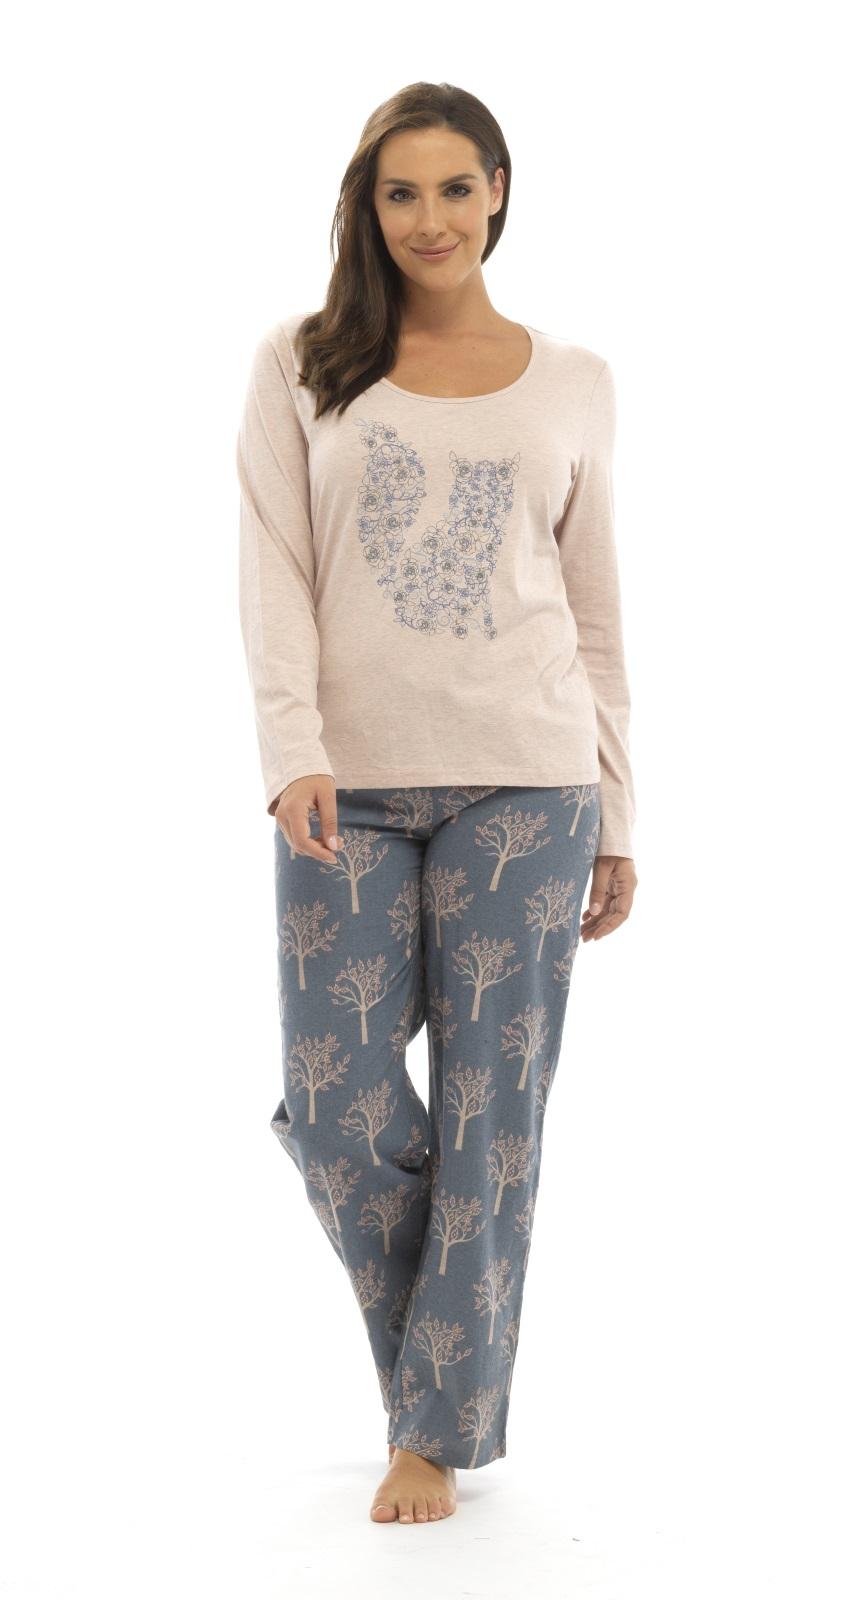 4fbaf398e1 Womens Long Pyjamas 2 Piece Set Long Sleeved Nightwear Ladies Pjs ...